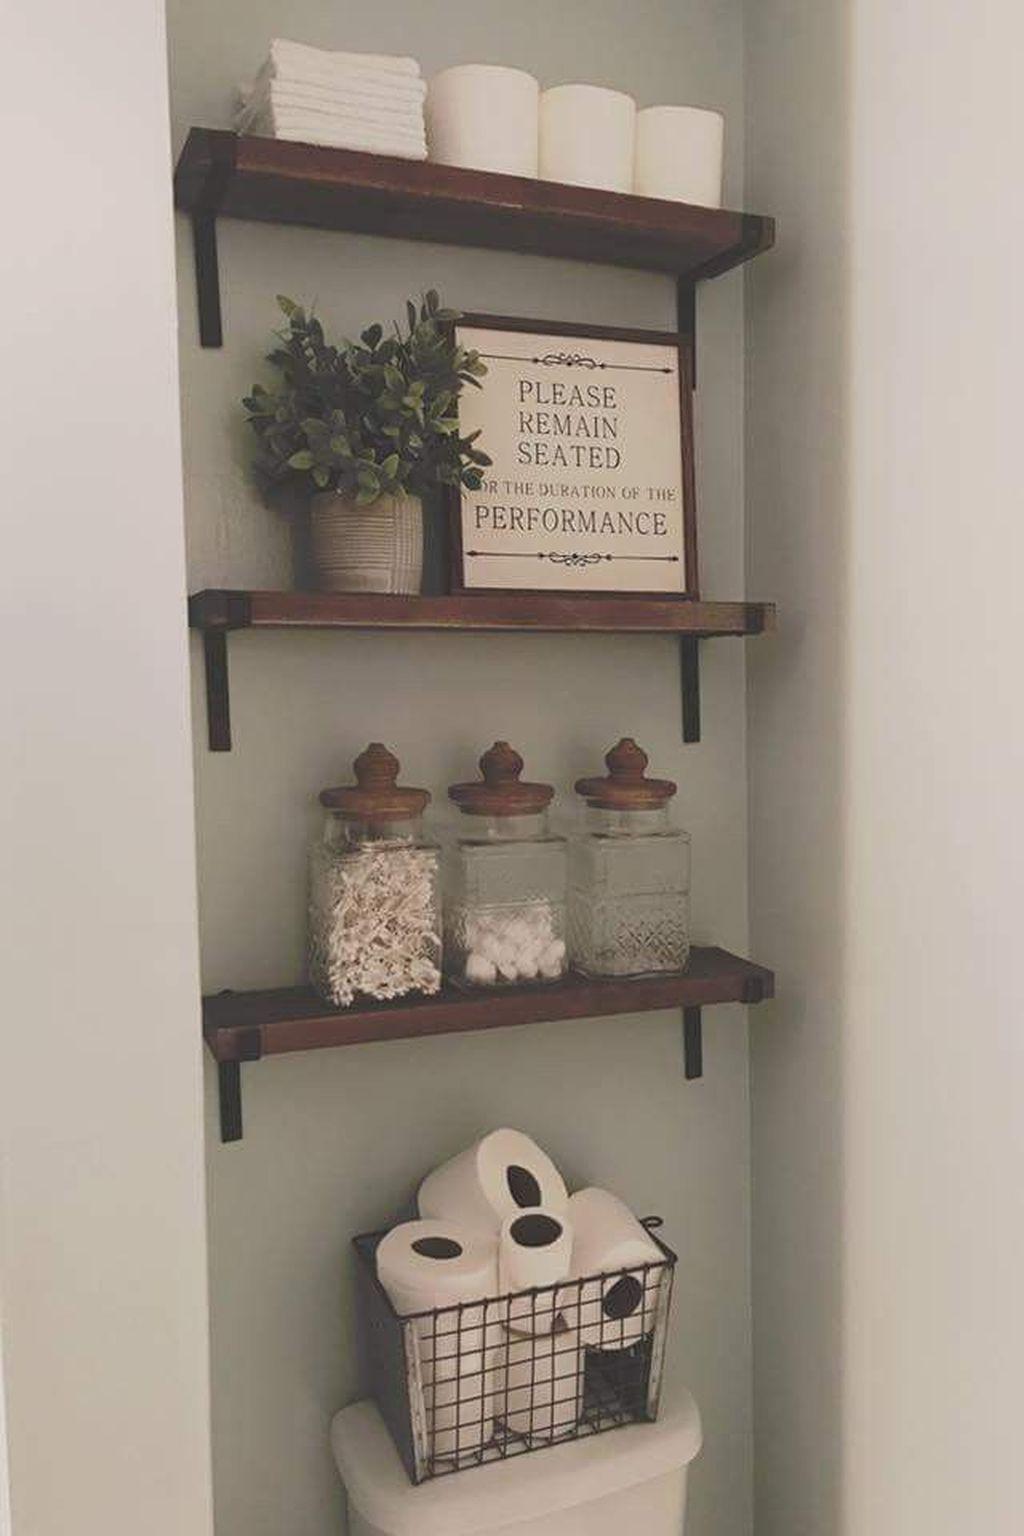 42 Les meilleures petites idées de décoration de salle de bain avec style ferme – HOOMDESIGN – Blog